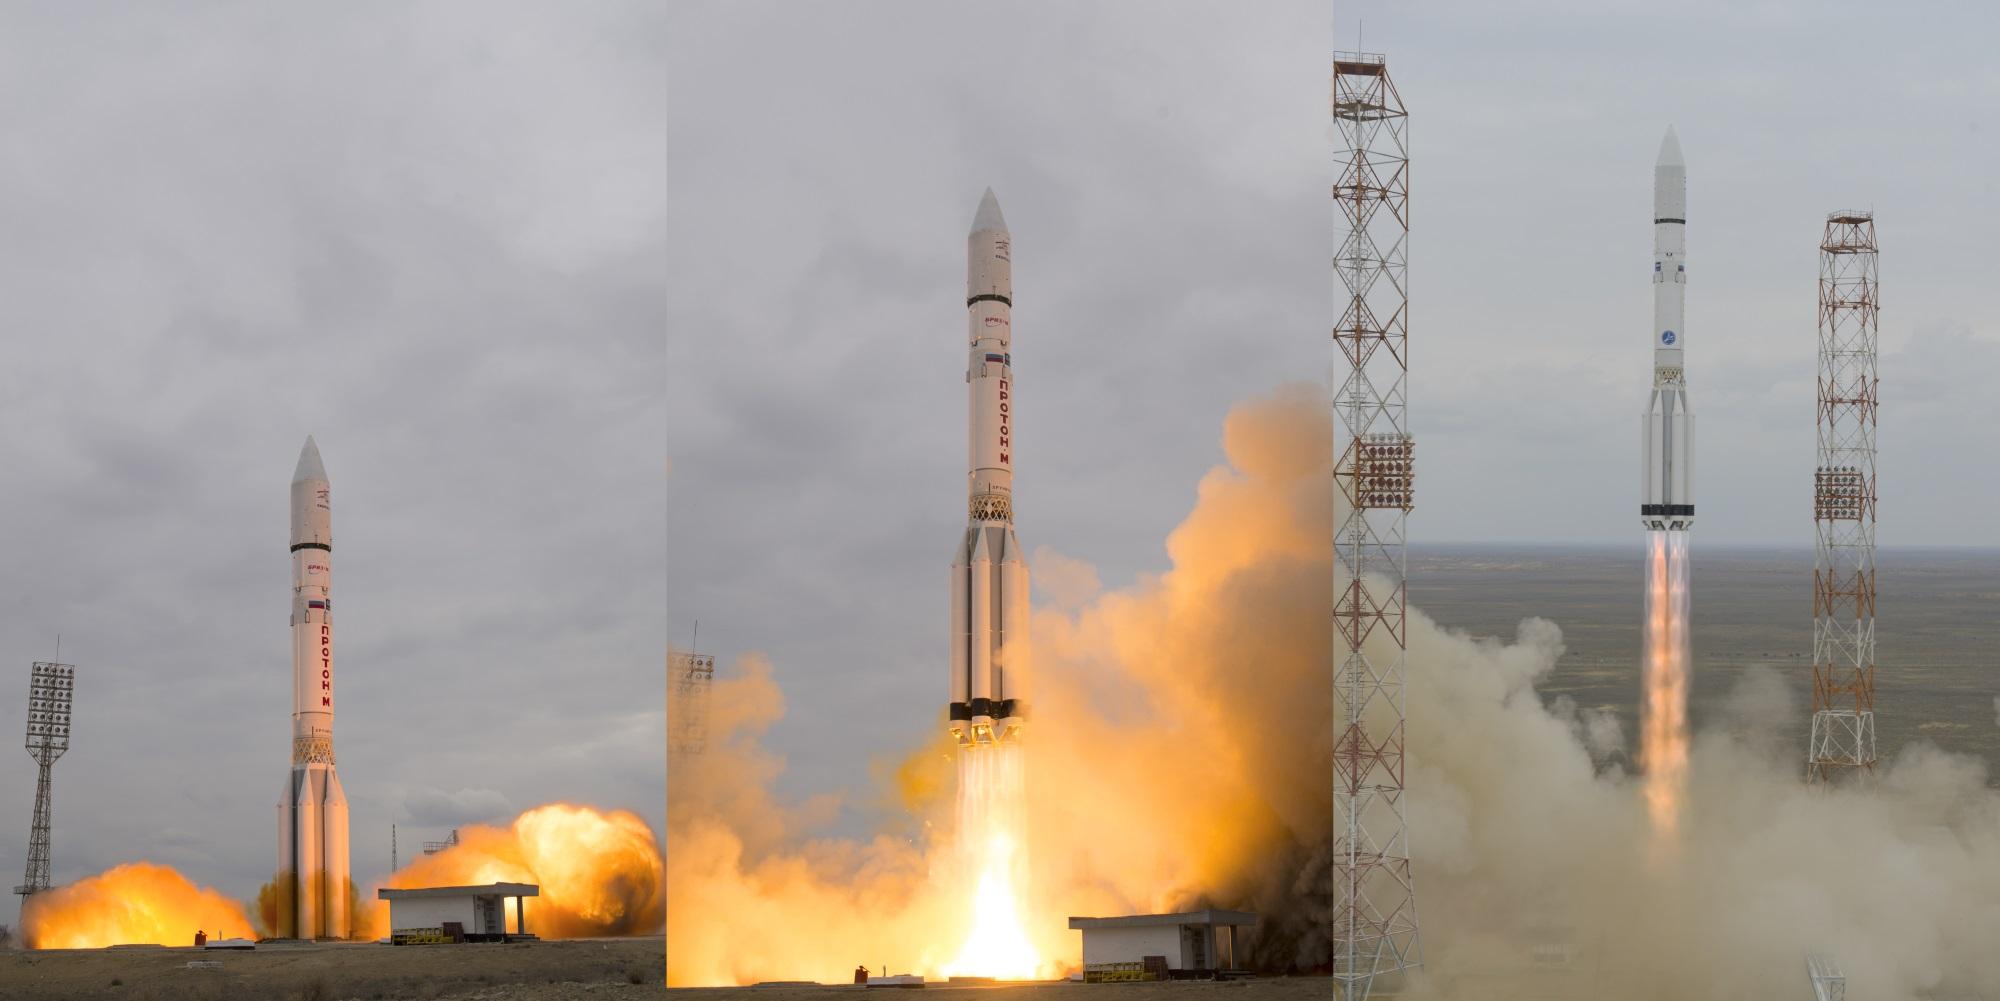 Conheça a missão espacial que está indo rumo a Marte para encontrar sinais de vida